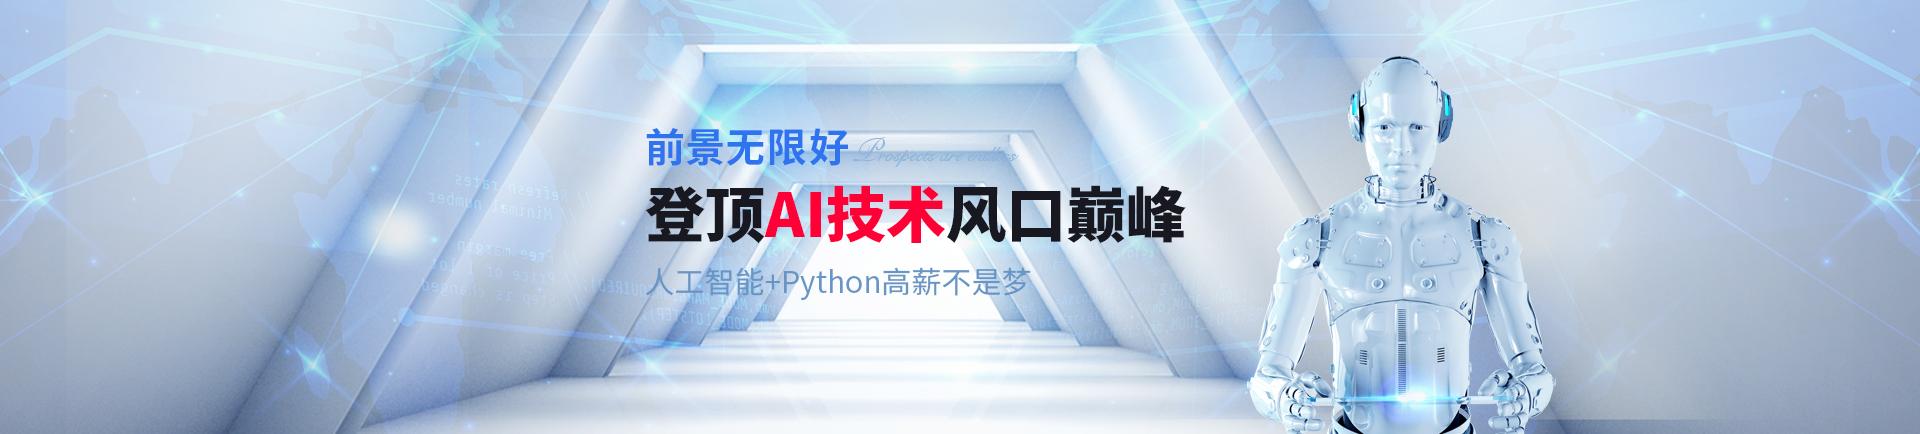 登顶AI技术风�巅峰 人工智能+Python年薪100万�是梦-xiamen